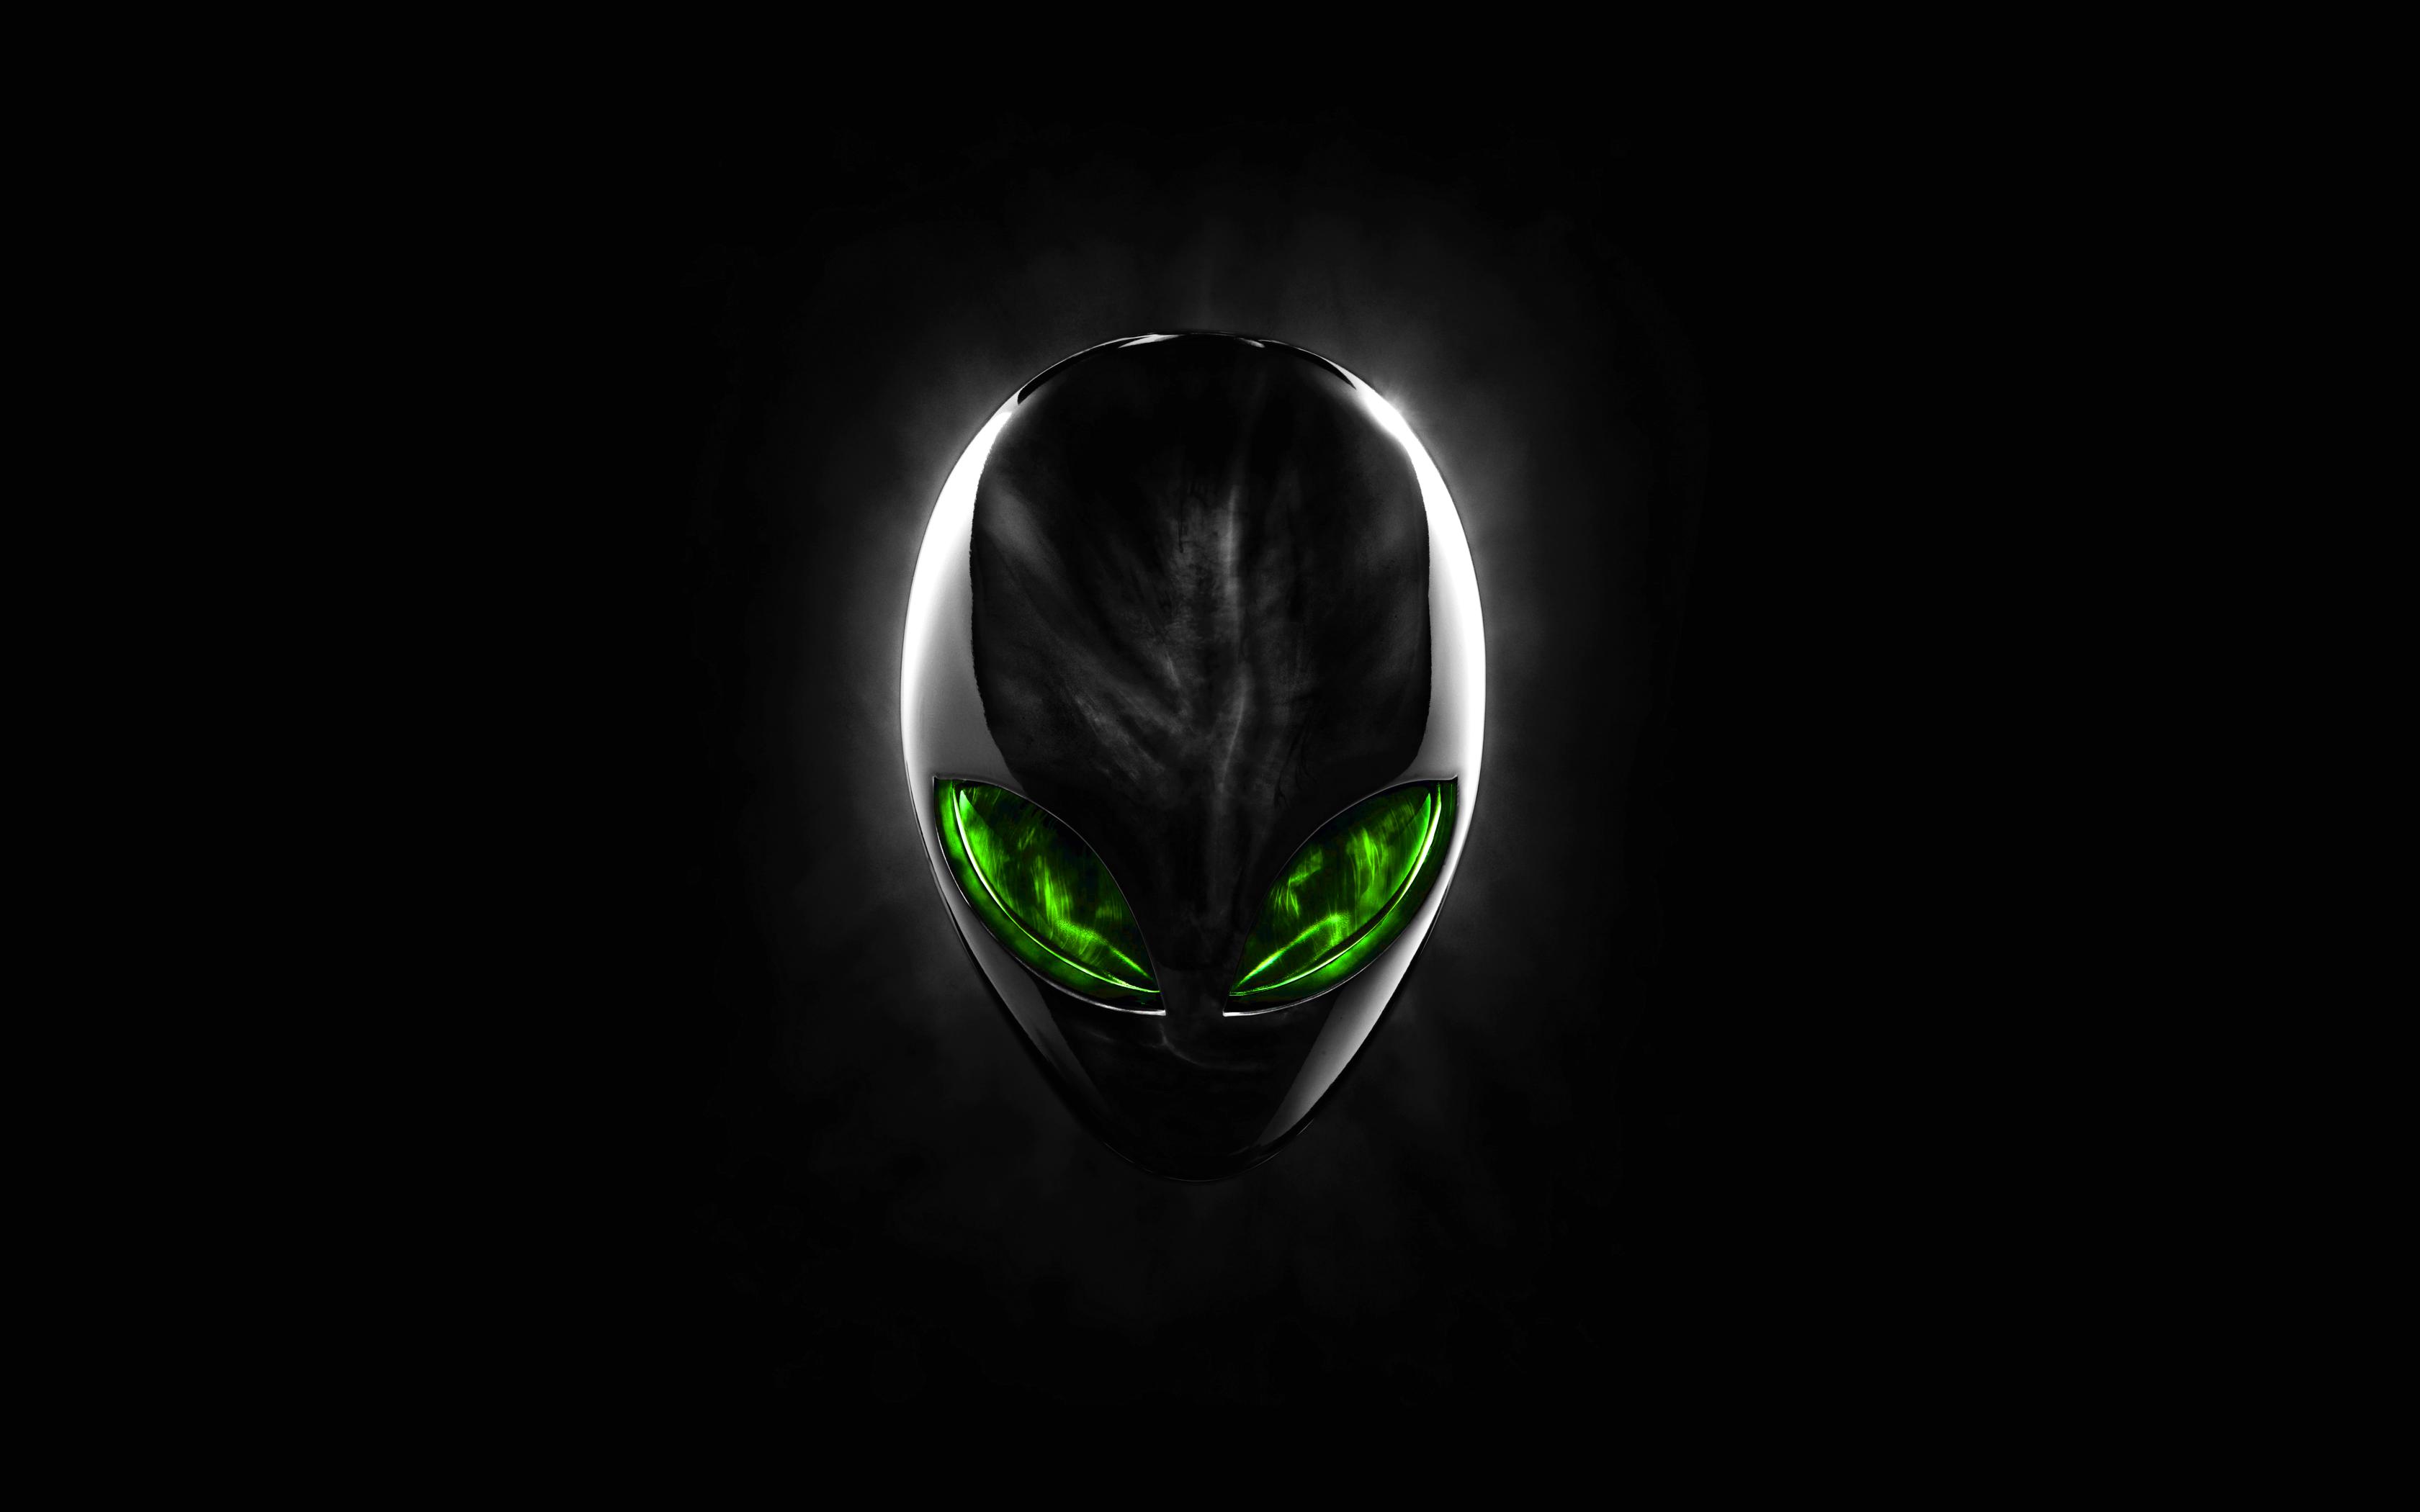 Alienware Desktop Backgrounds Alienware Fx Themes Alienware Alienware Desktop Logo Wallpaper Hd